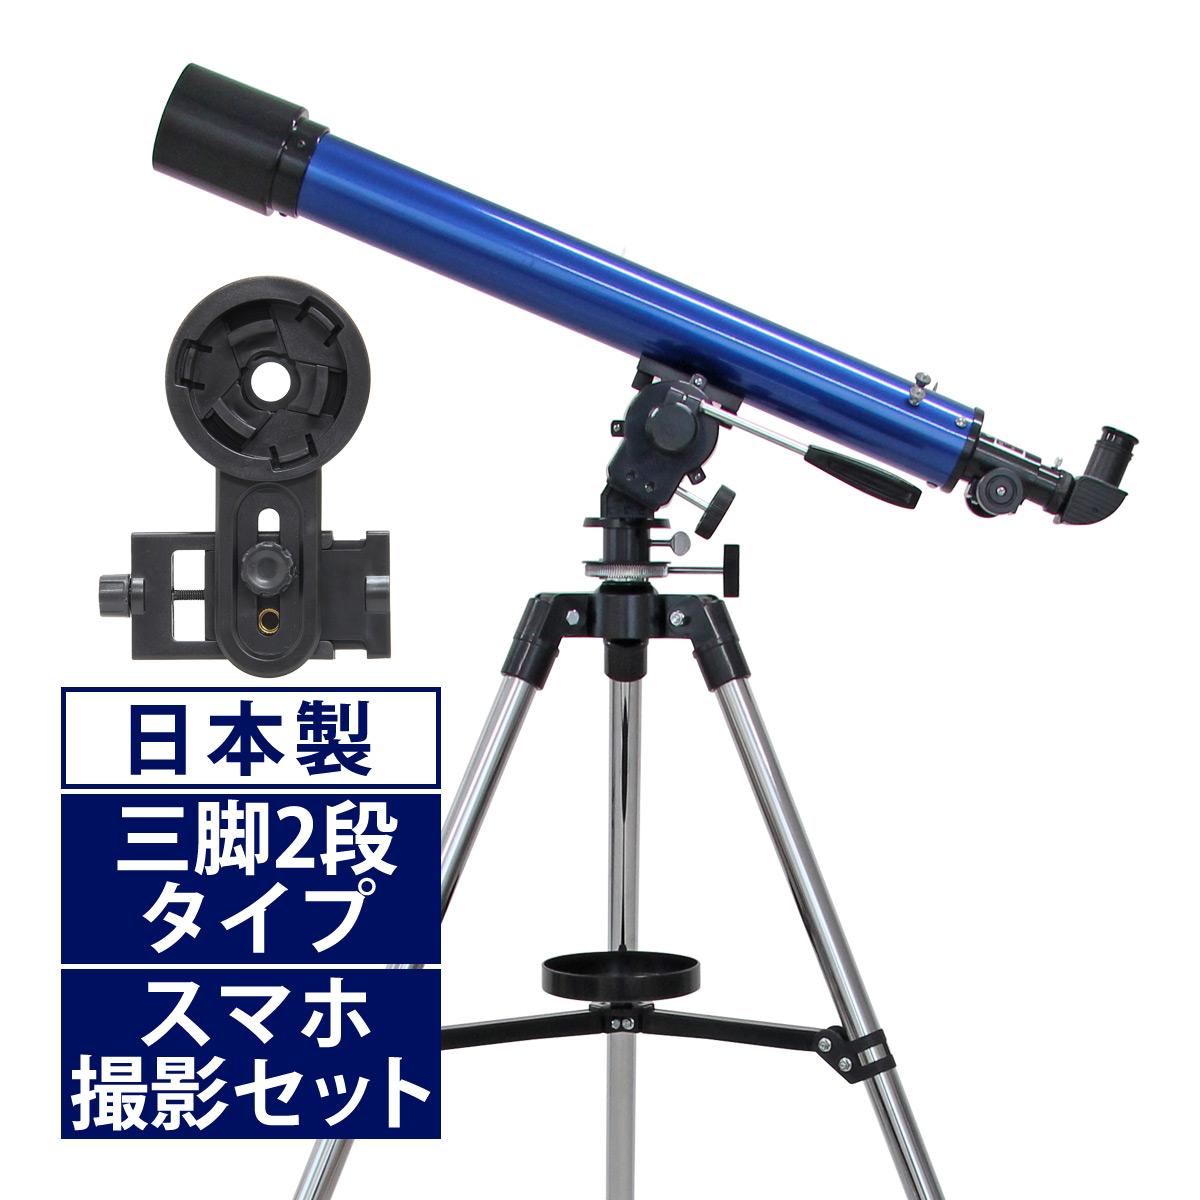 天体望遠鏡 スマホ 初心者 スマホ 子供 小学生 リゲルハイ60D 日本製 天体望遠鏡 日本製, カワナベグン:49285498 --- sunward.msk.ru